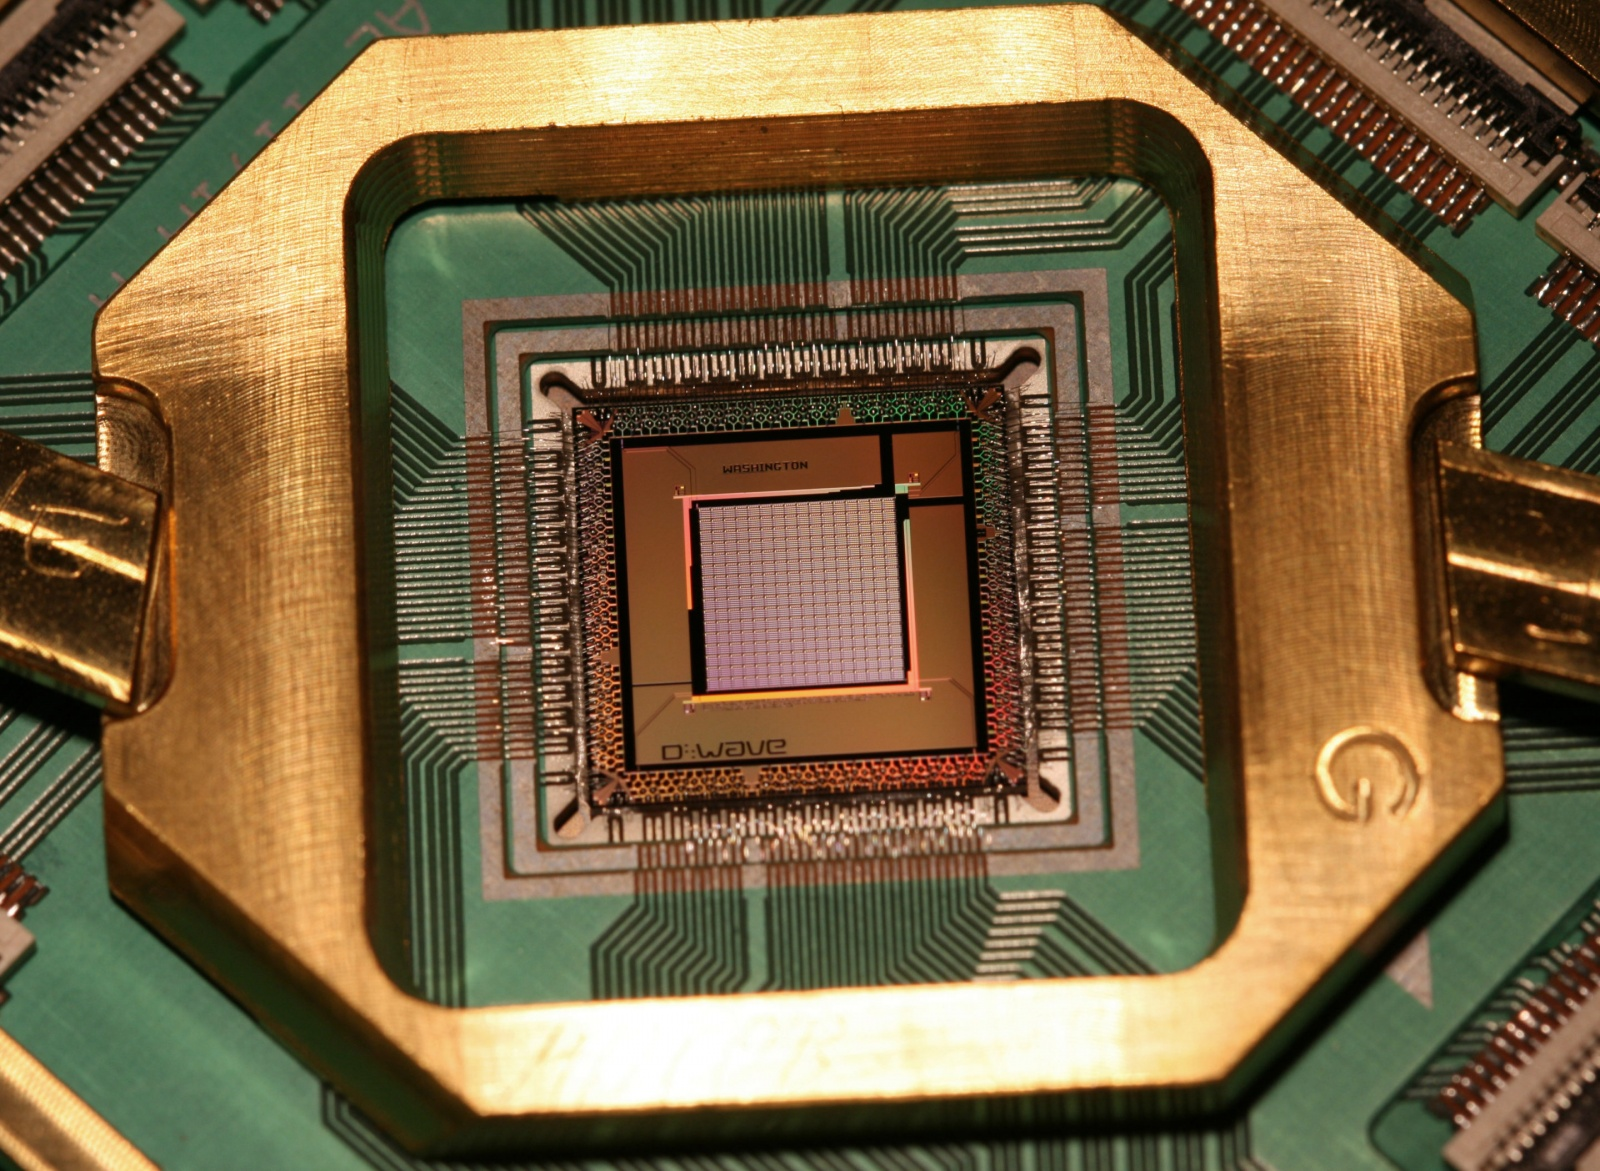 Первостепенная задача квантовых компьютеров – усиление искусственного интеллекта - 3